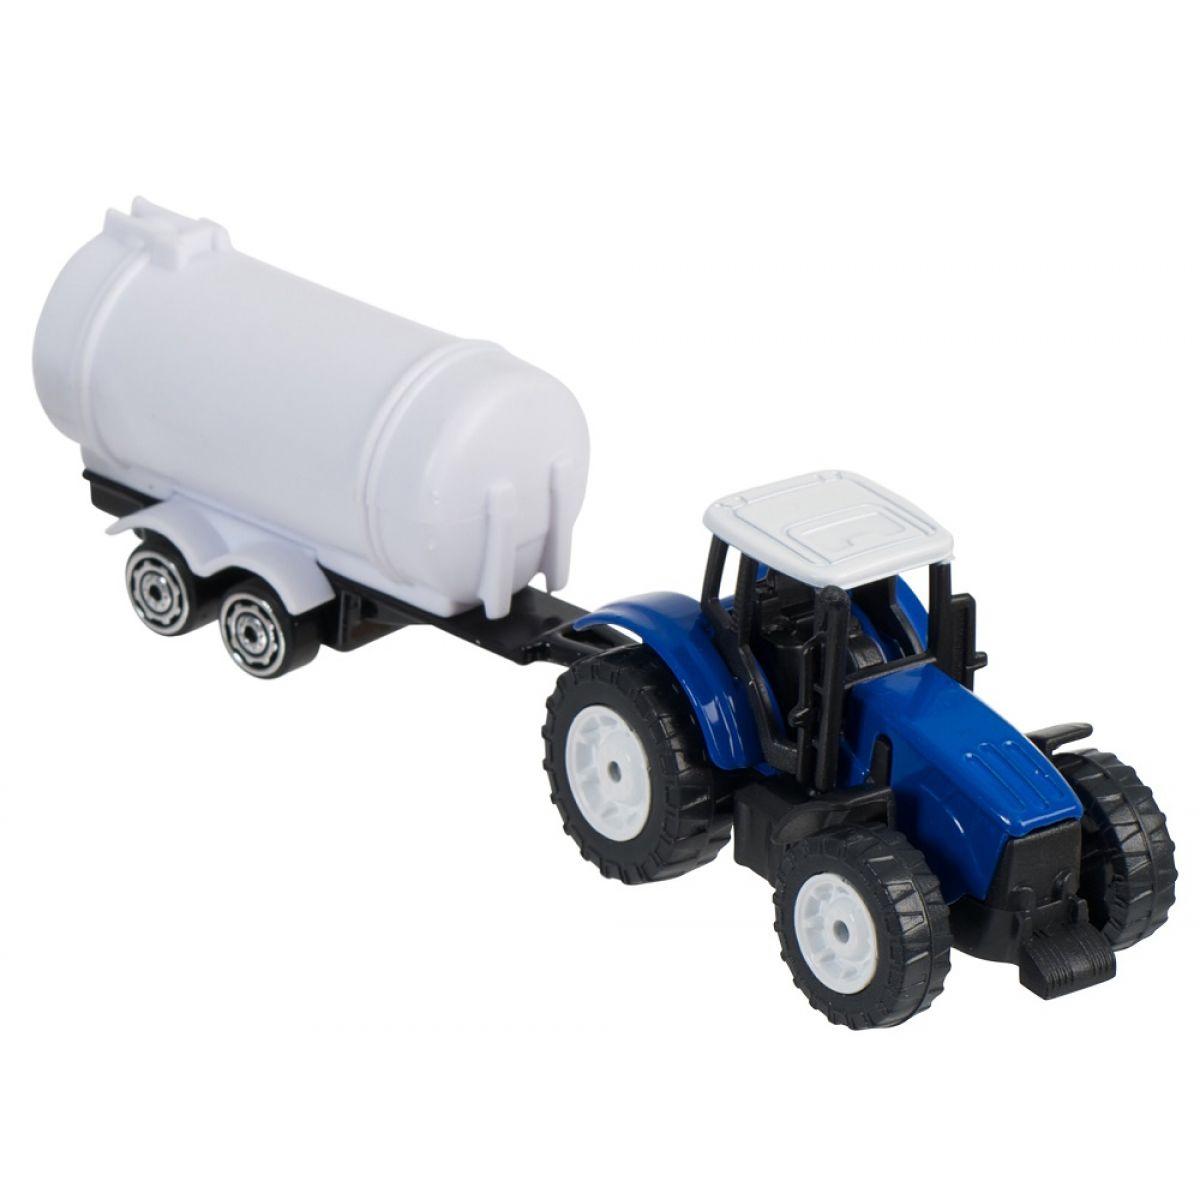 Teamsterz Traktor s prívesom - Modrý traktor s cisternou